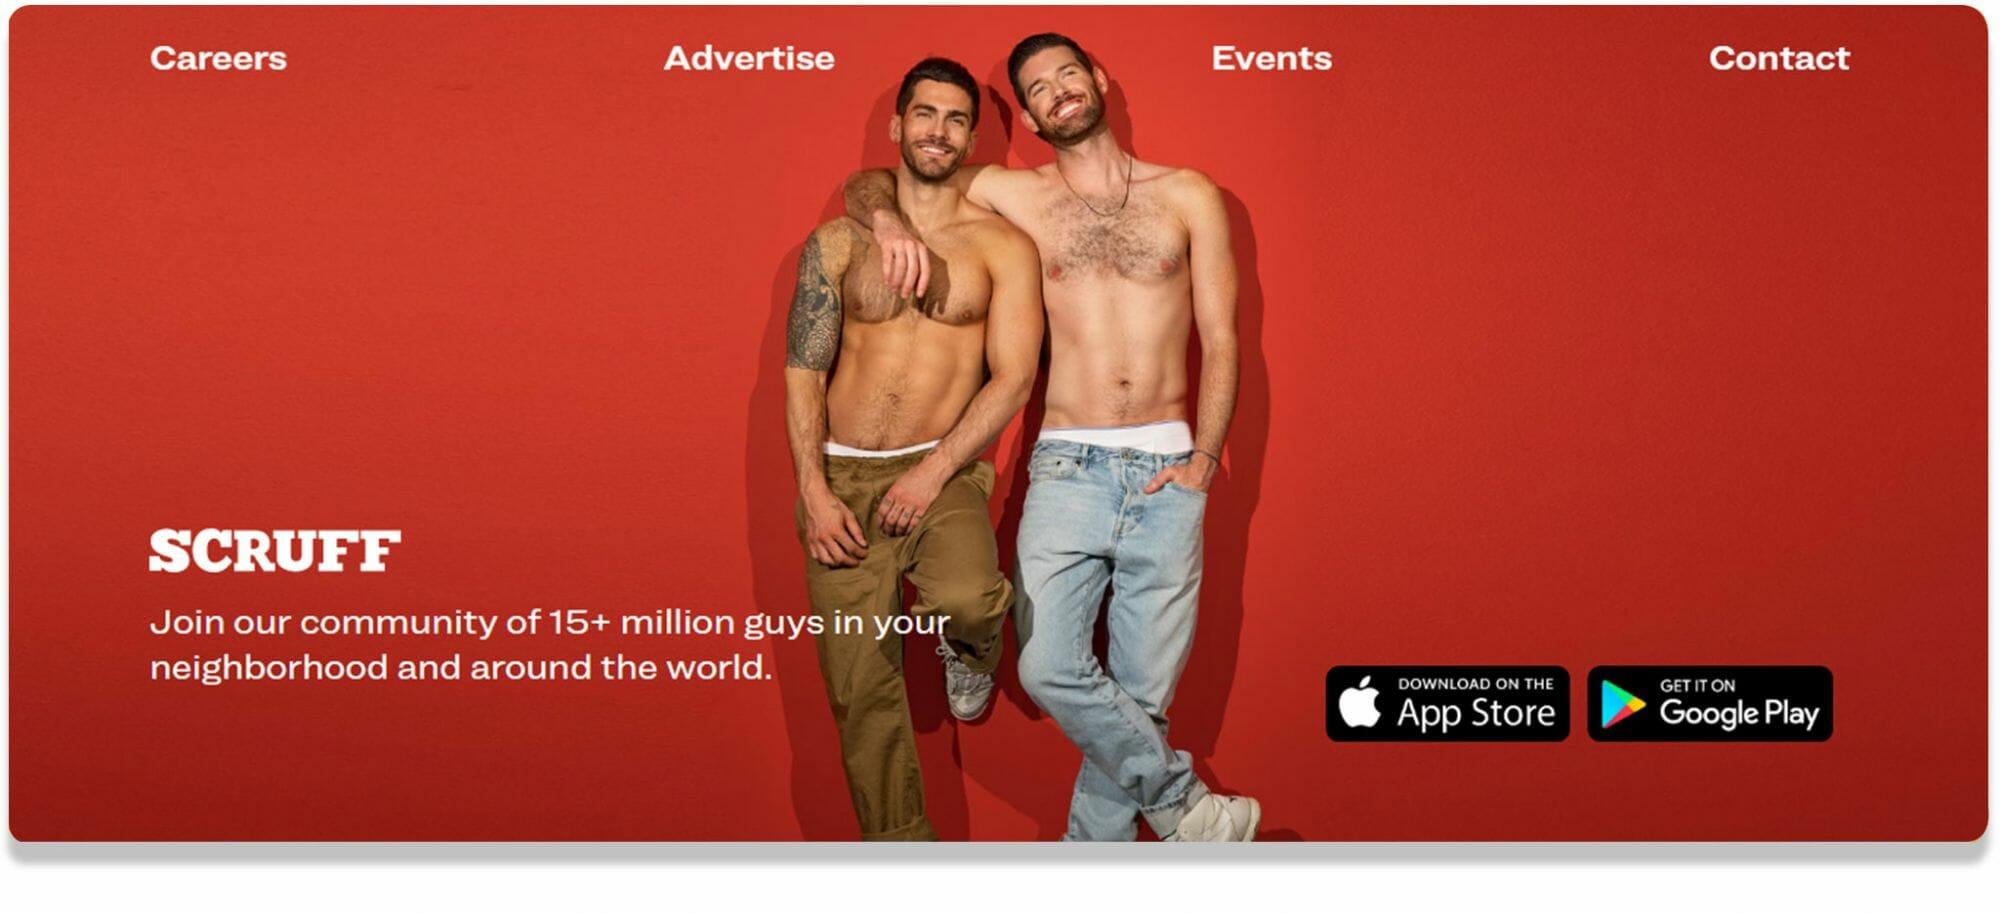 Scruff Gay App